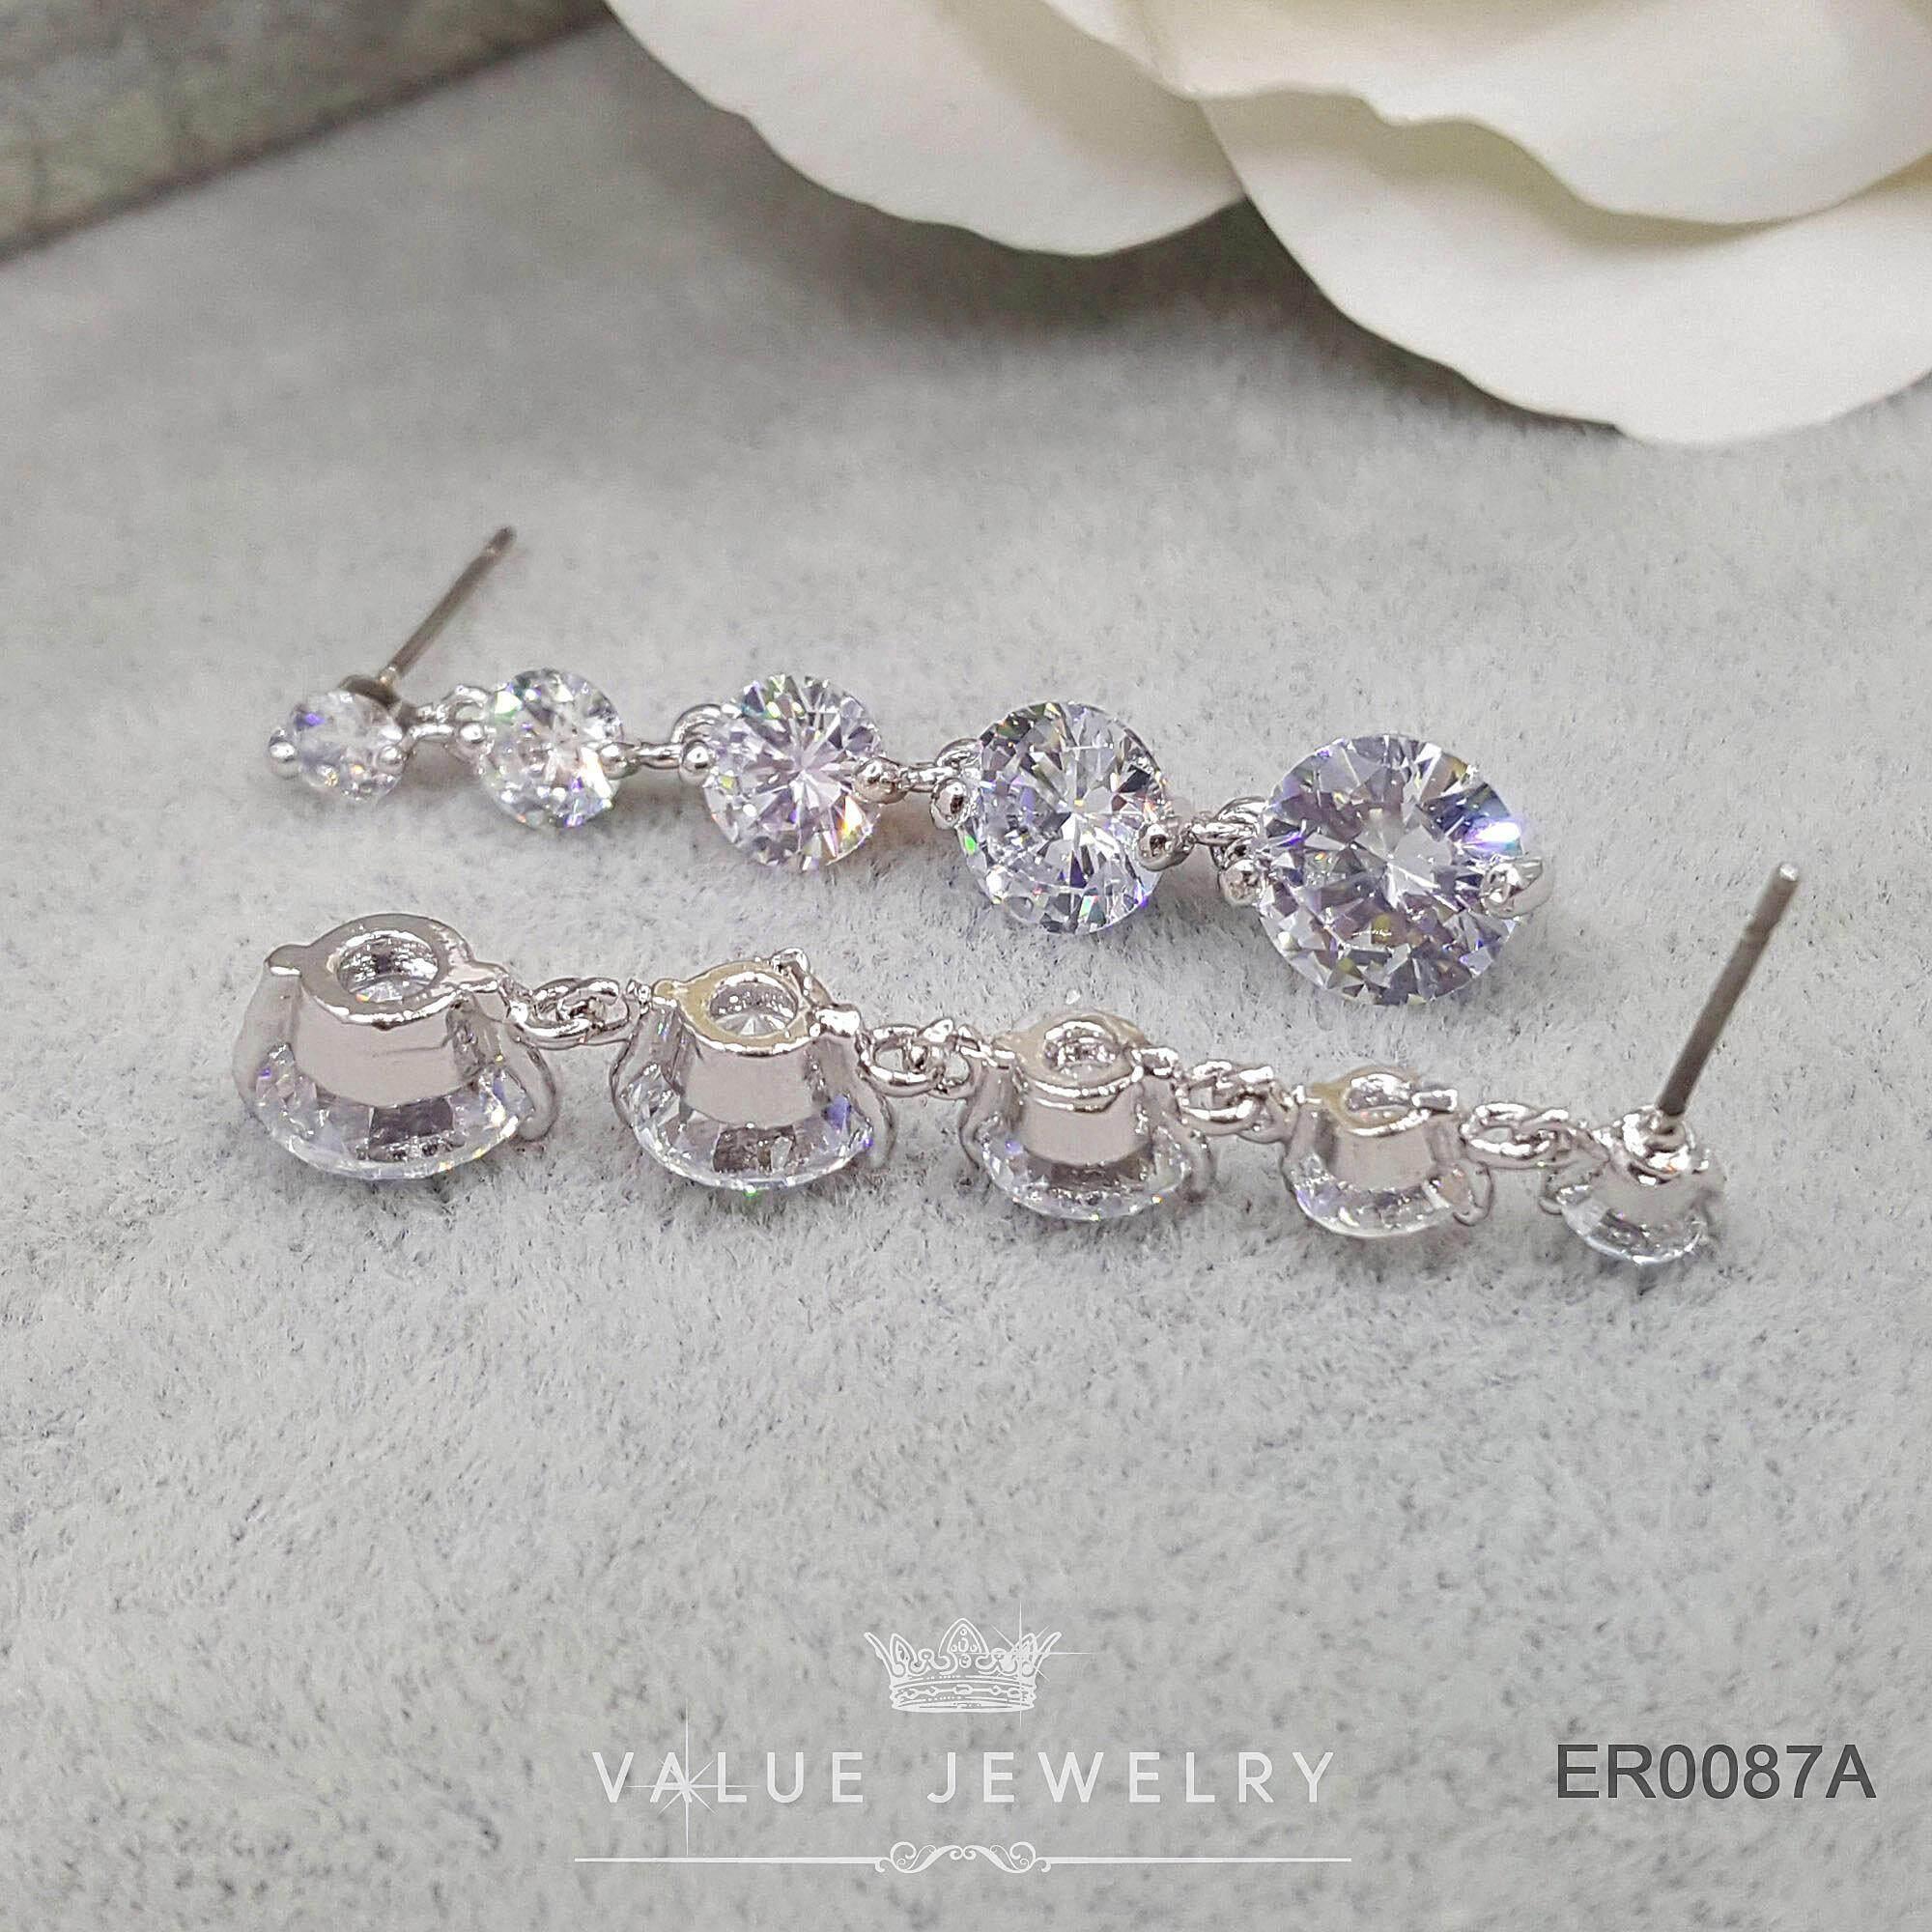 รีวิว Value Jewelry ER0088 กว้าง0.8cmยาว4.2cm เครื่องประดับเพขรCZ เกรดพรีเมี่ยม ไม่ลอก ไม่ดำ ไม่แพ้ ไม่คัน ต่างหูแฟชั่น ออกงาน ทำงาน ปาตี้ เที่ยว ติดหู หนีบ ห่วง ระย้า เกาหลี ดารา นำโชค เสริมดวง รวย ขายดี คริสตัล เพชร แบรนด์เนม สร้อยข้อมือ สร้อยคอ แหวน กำไล